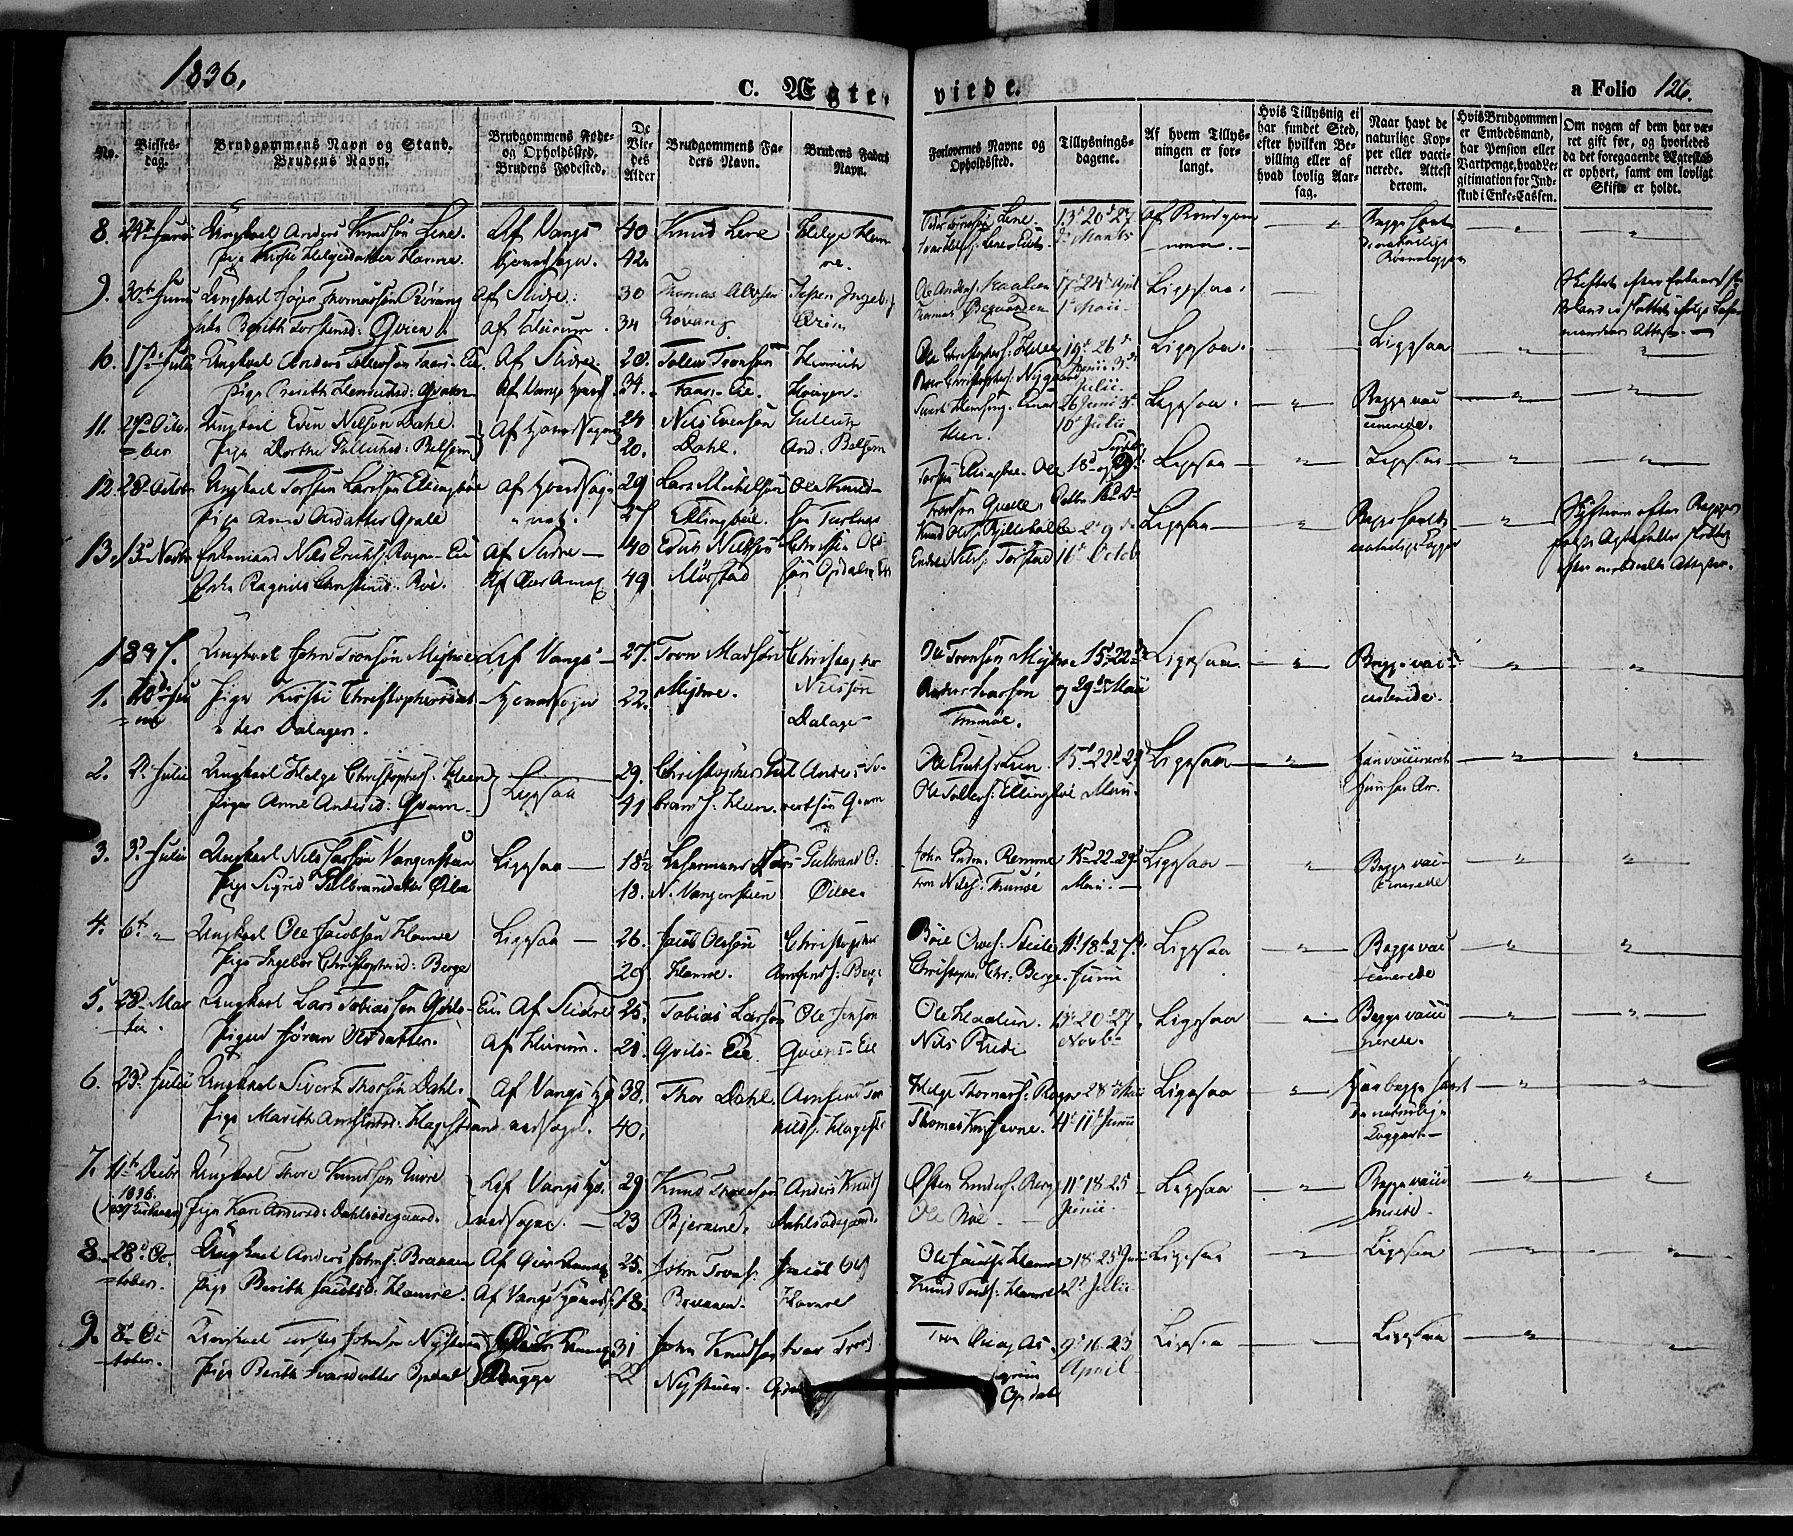 SAH, Vang prestekontor, Valdres, Ministerialbok nr. 5, 1831-1845, s. 126